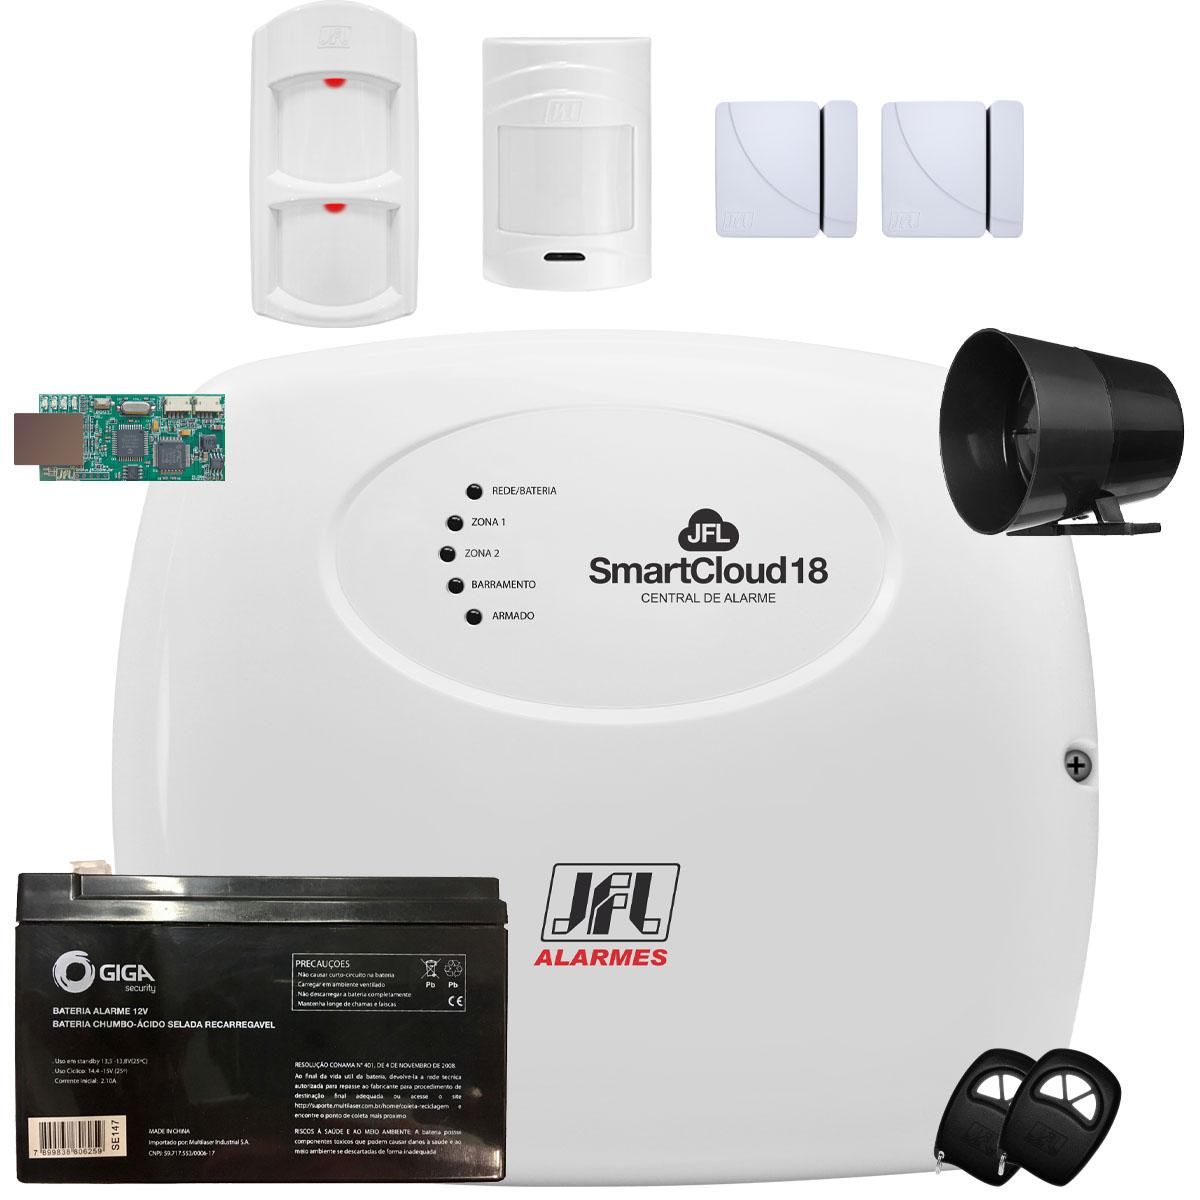 Kit Alarme Jfl SmartCloud 18 Sensores Jfl Shc Fit e Ird 640